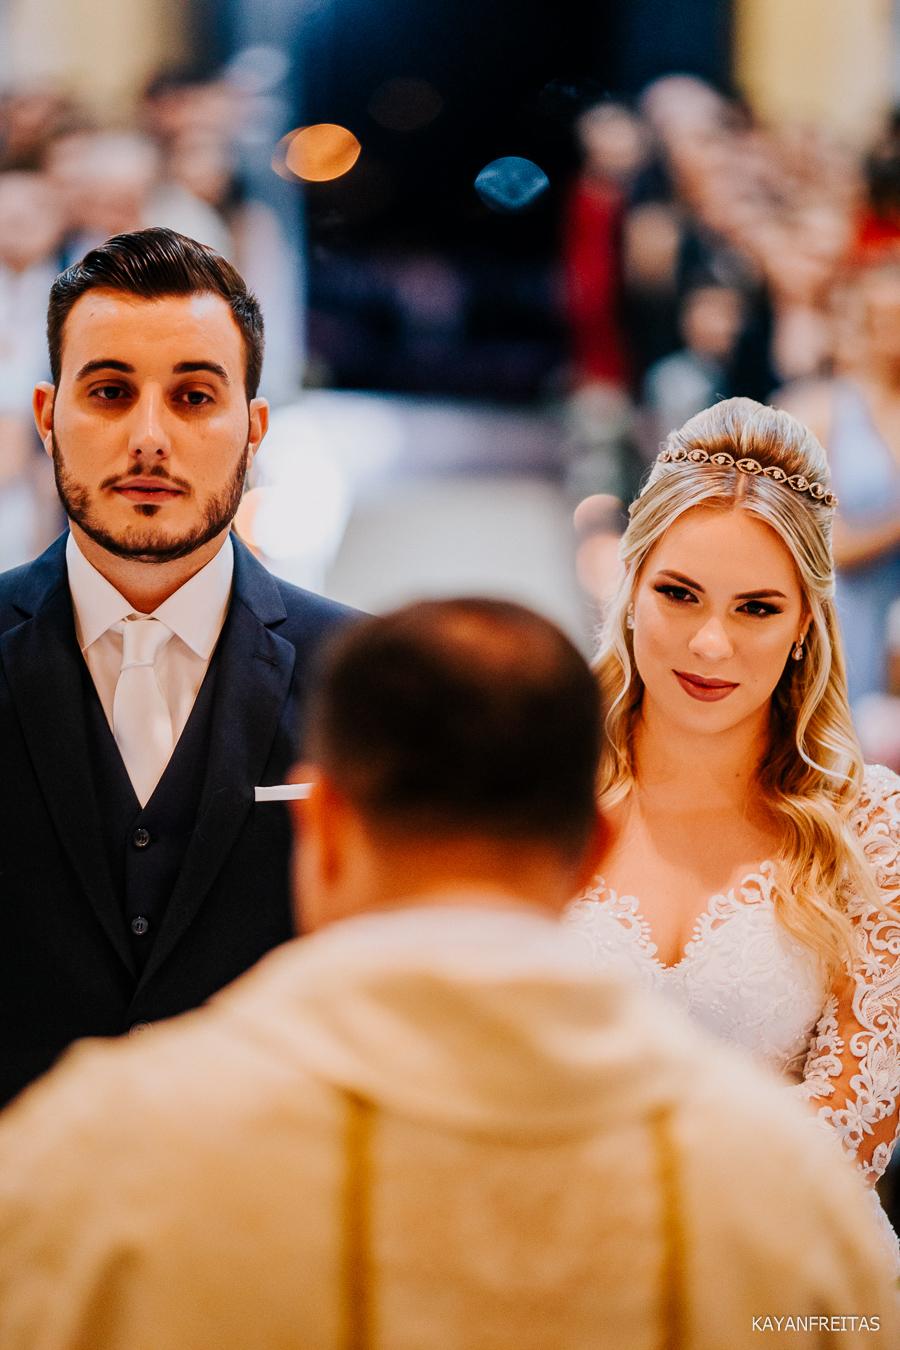 casamento-vila-dos-aracas-floripa-0074 Casamento Joana e Guilherme - Vila dos Araças